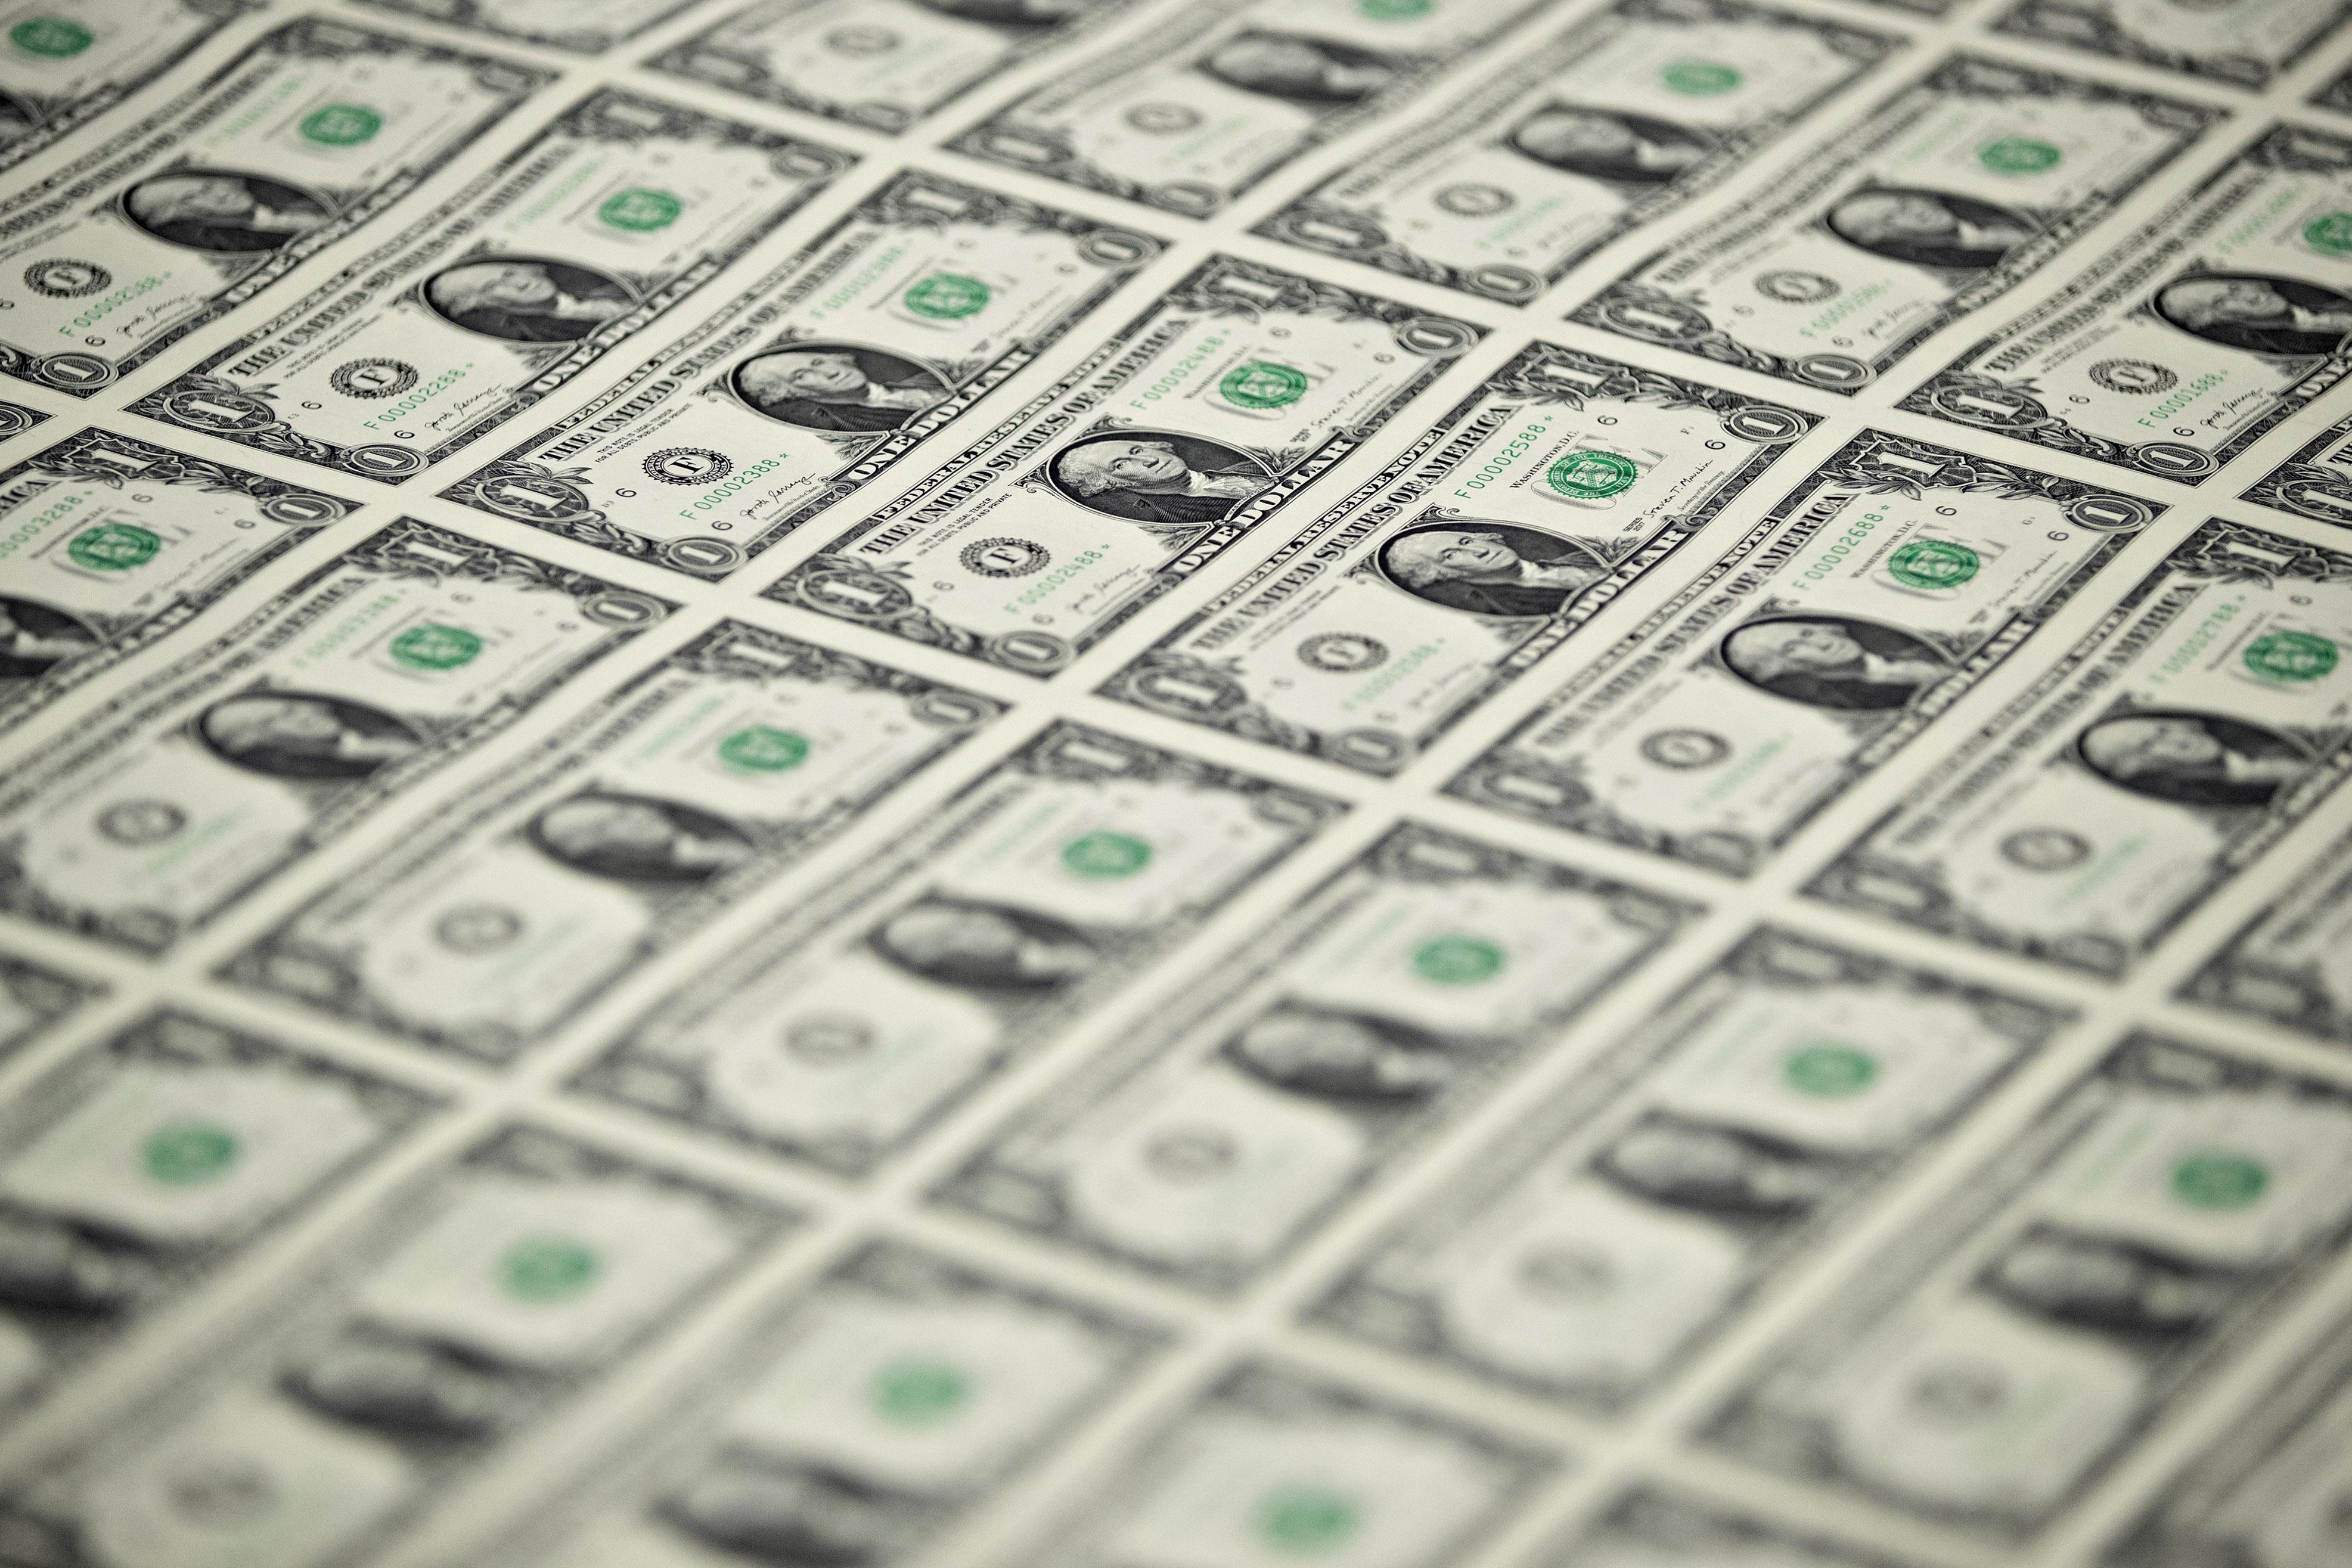 El dólar cae 1,5% en lo que va de enero. (Bloomberg)